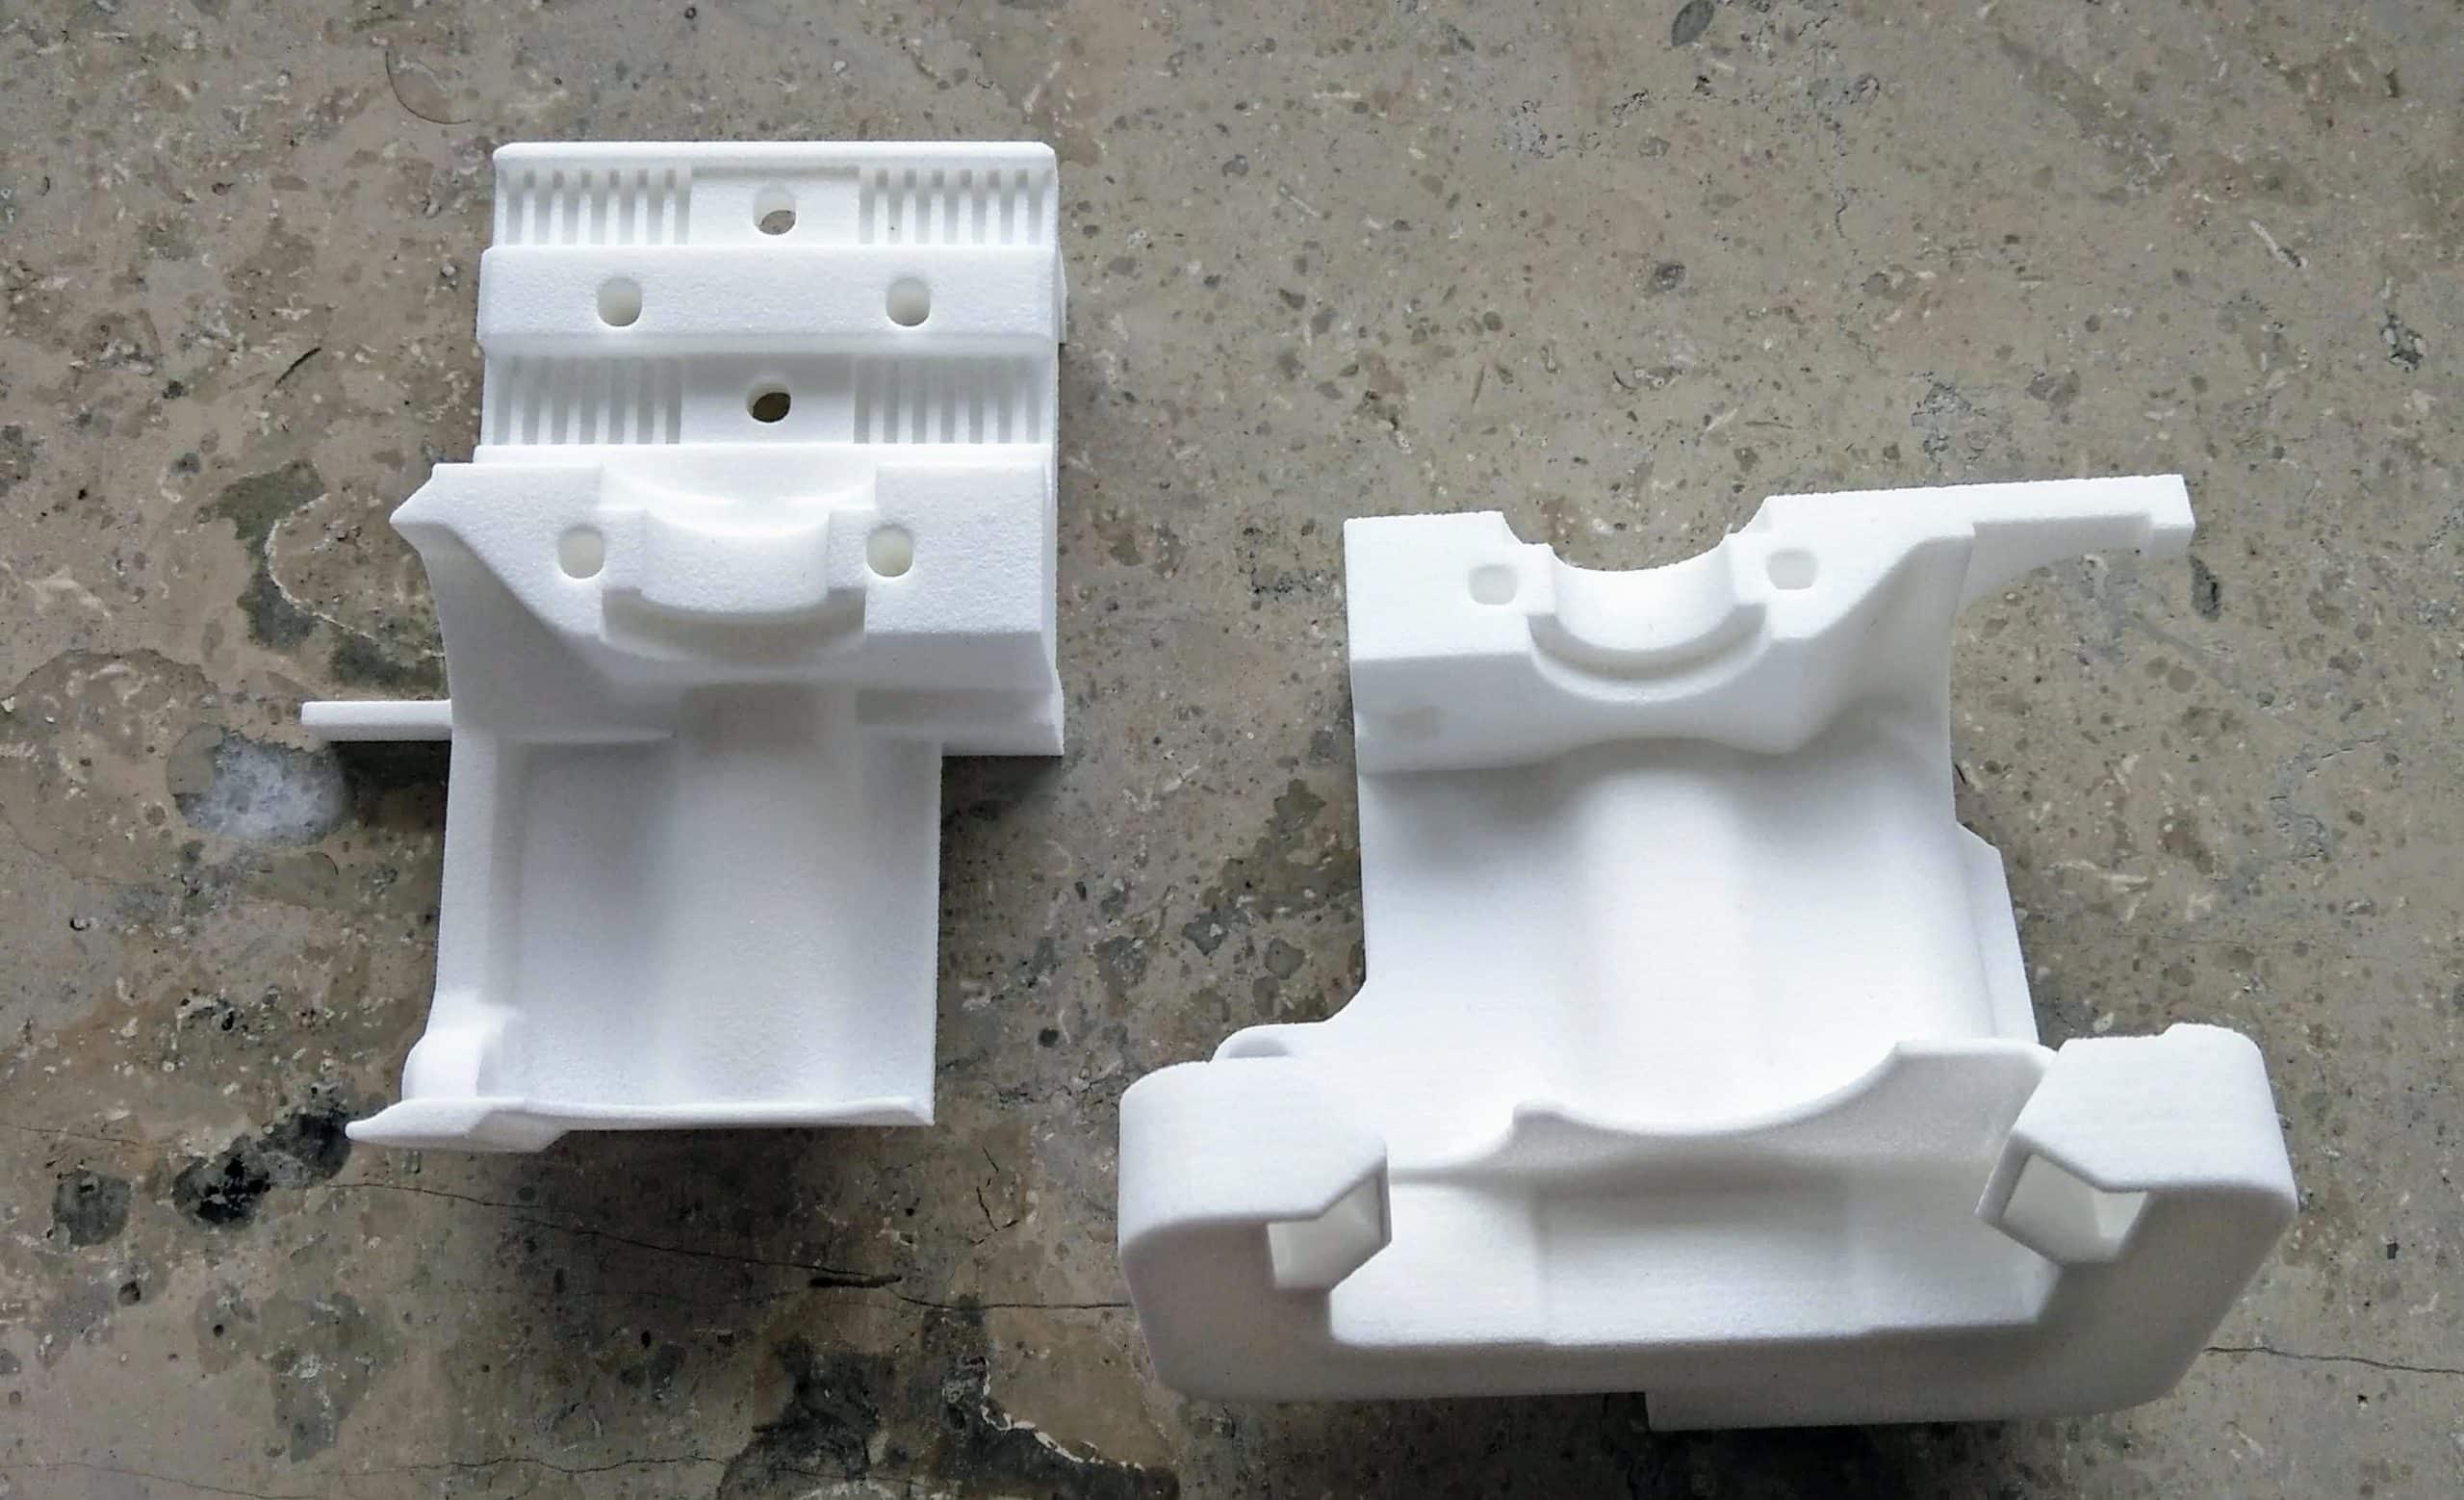 SLS print head parts